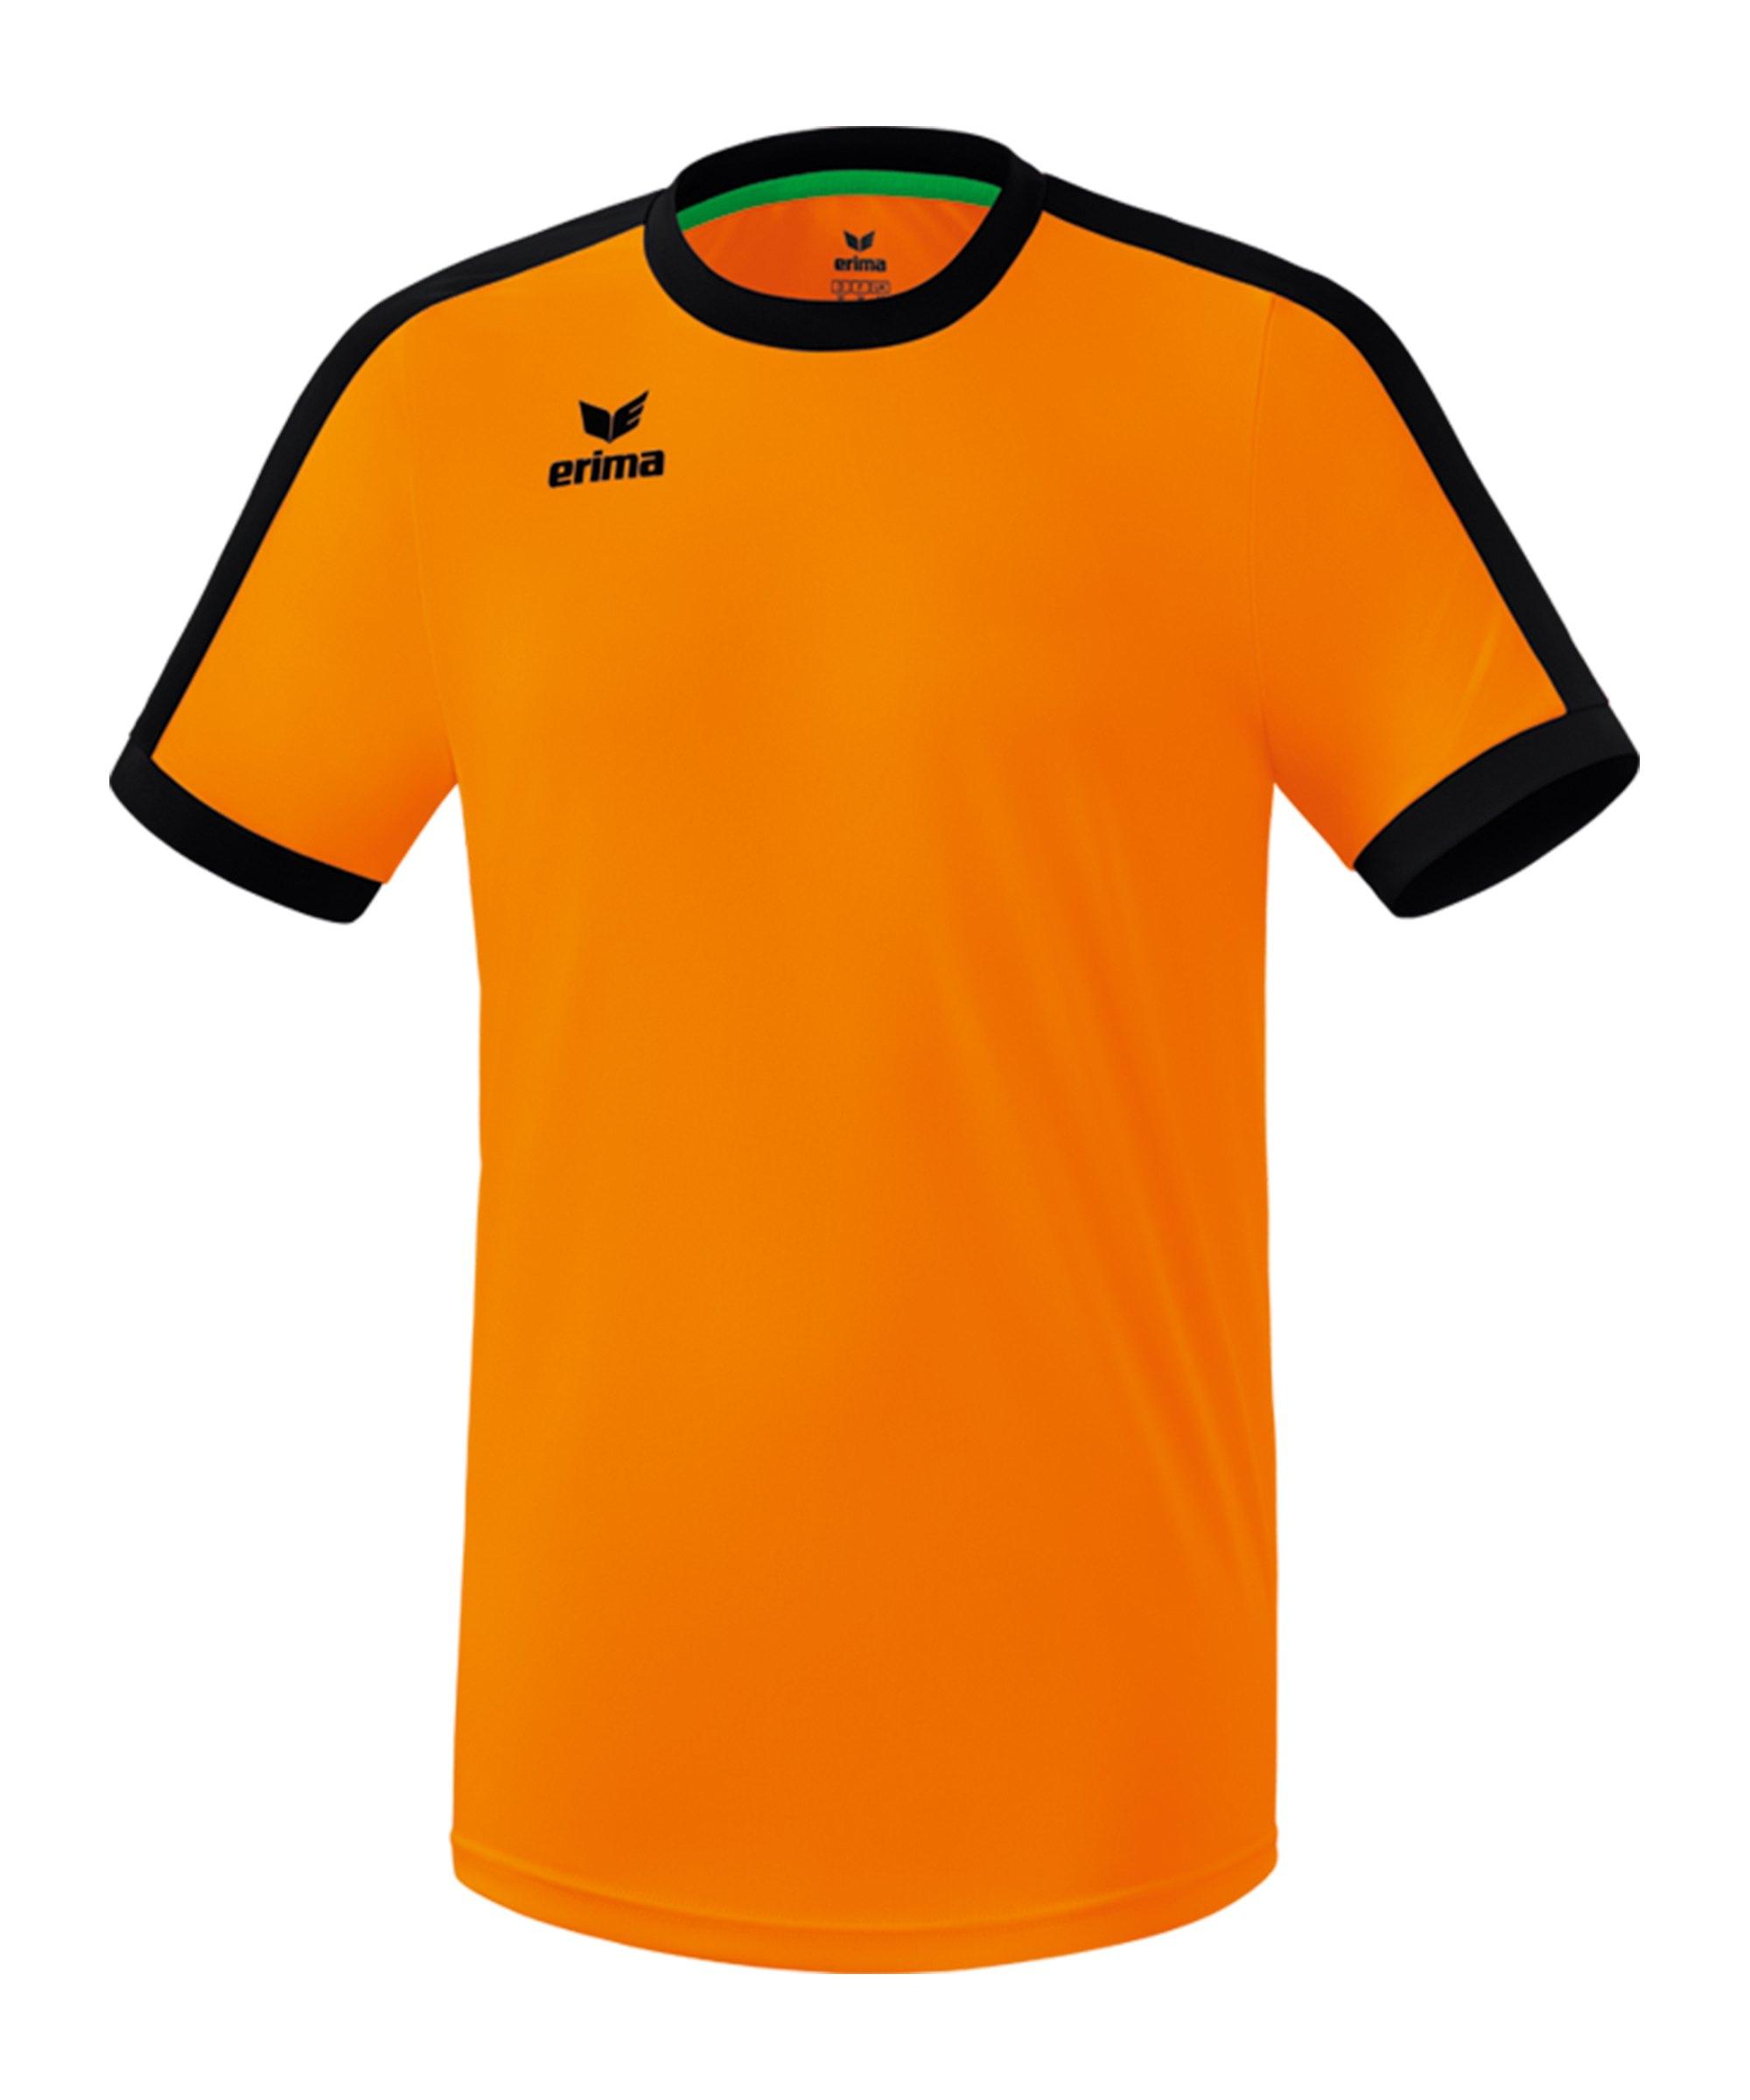 Erima Retro Star Trikot Orange Schwarz - orange